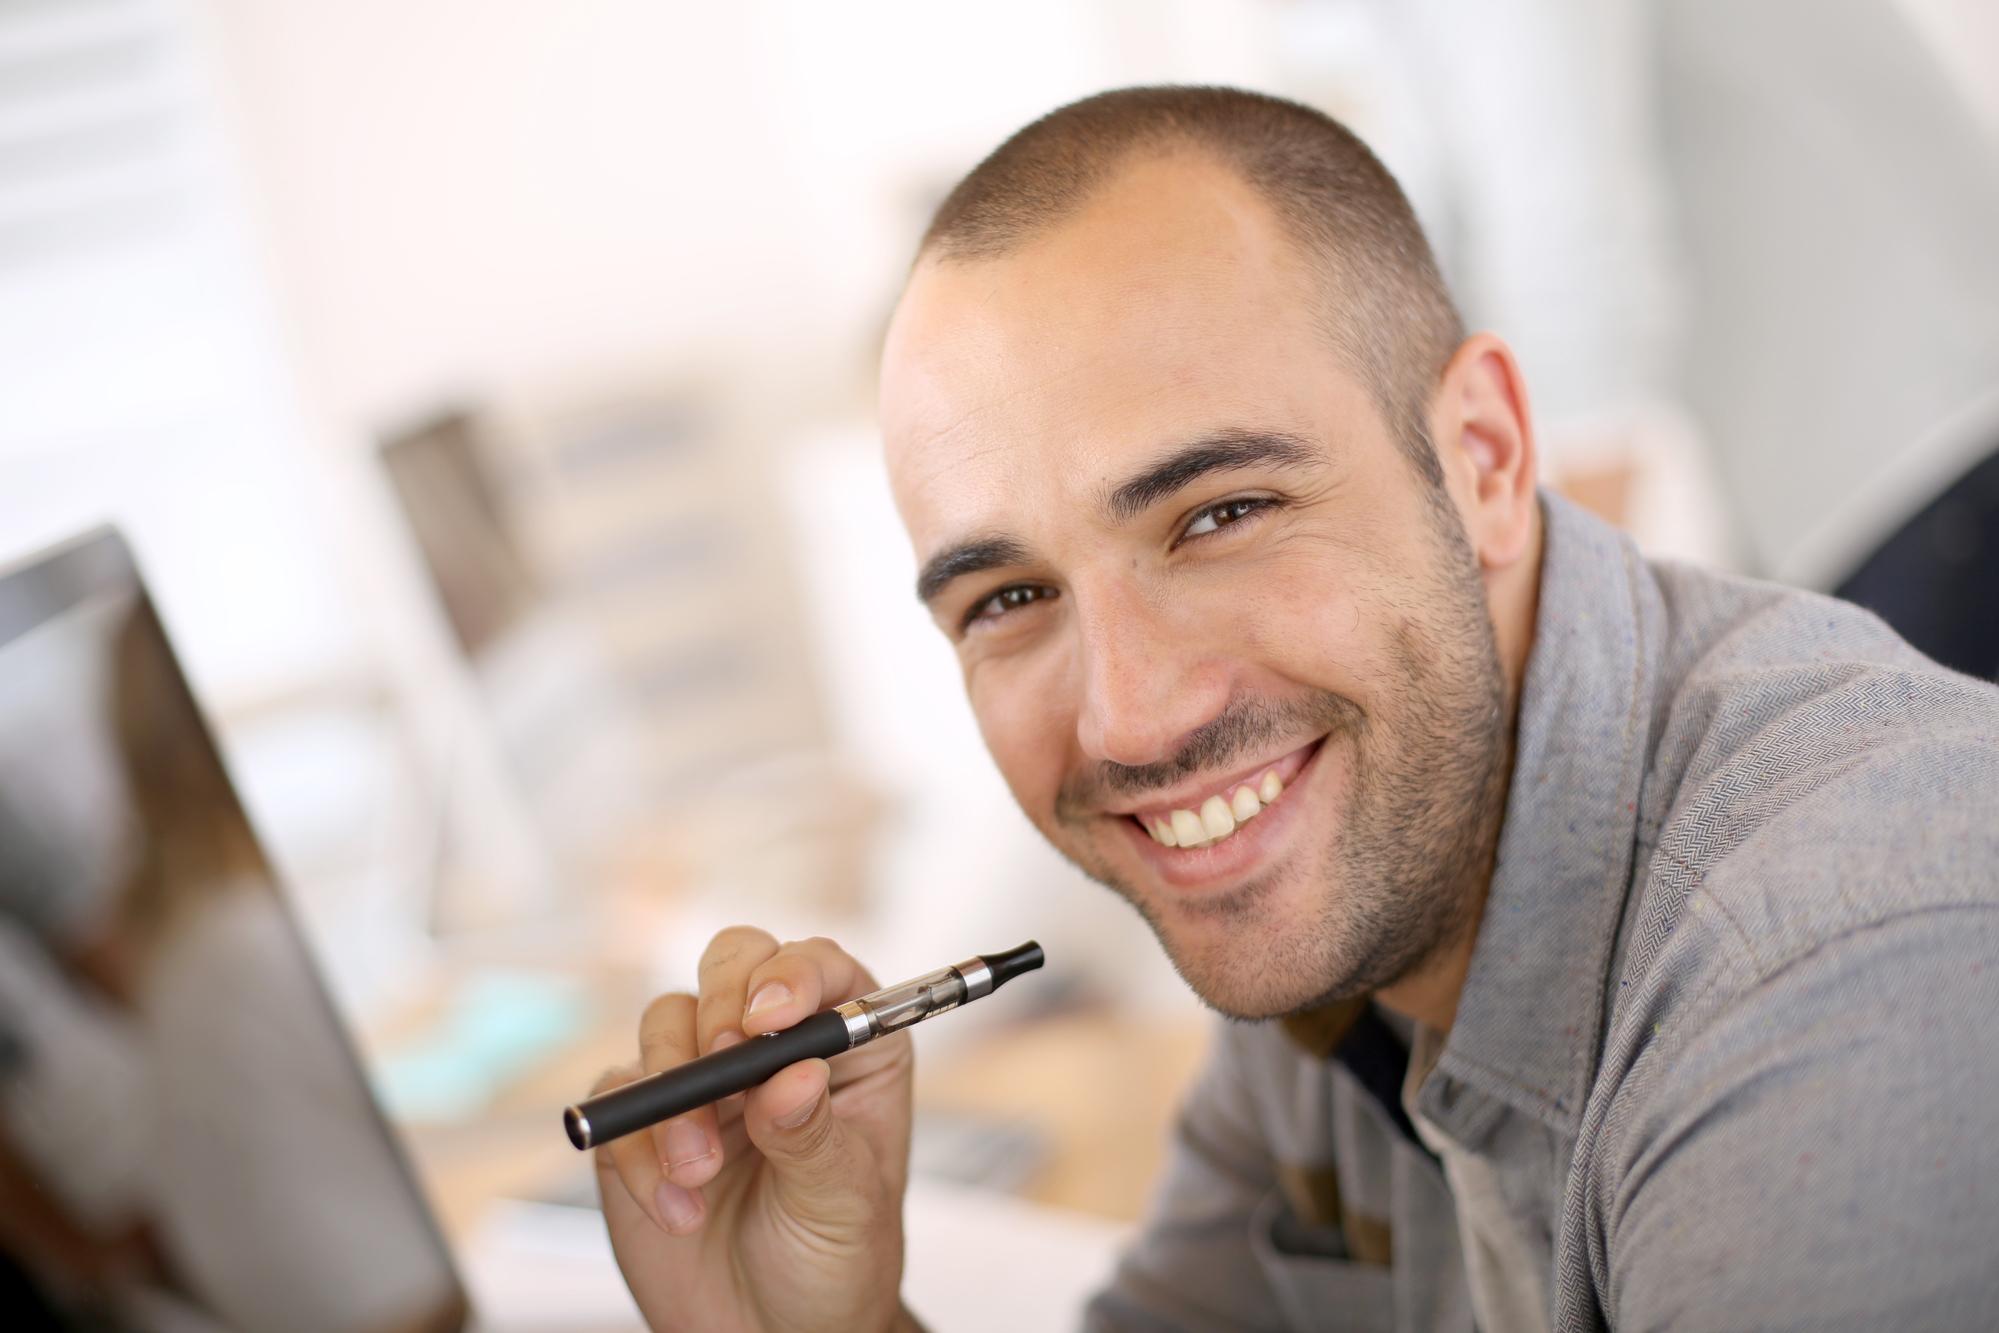 E-sigaretter et helsealternativ?